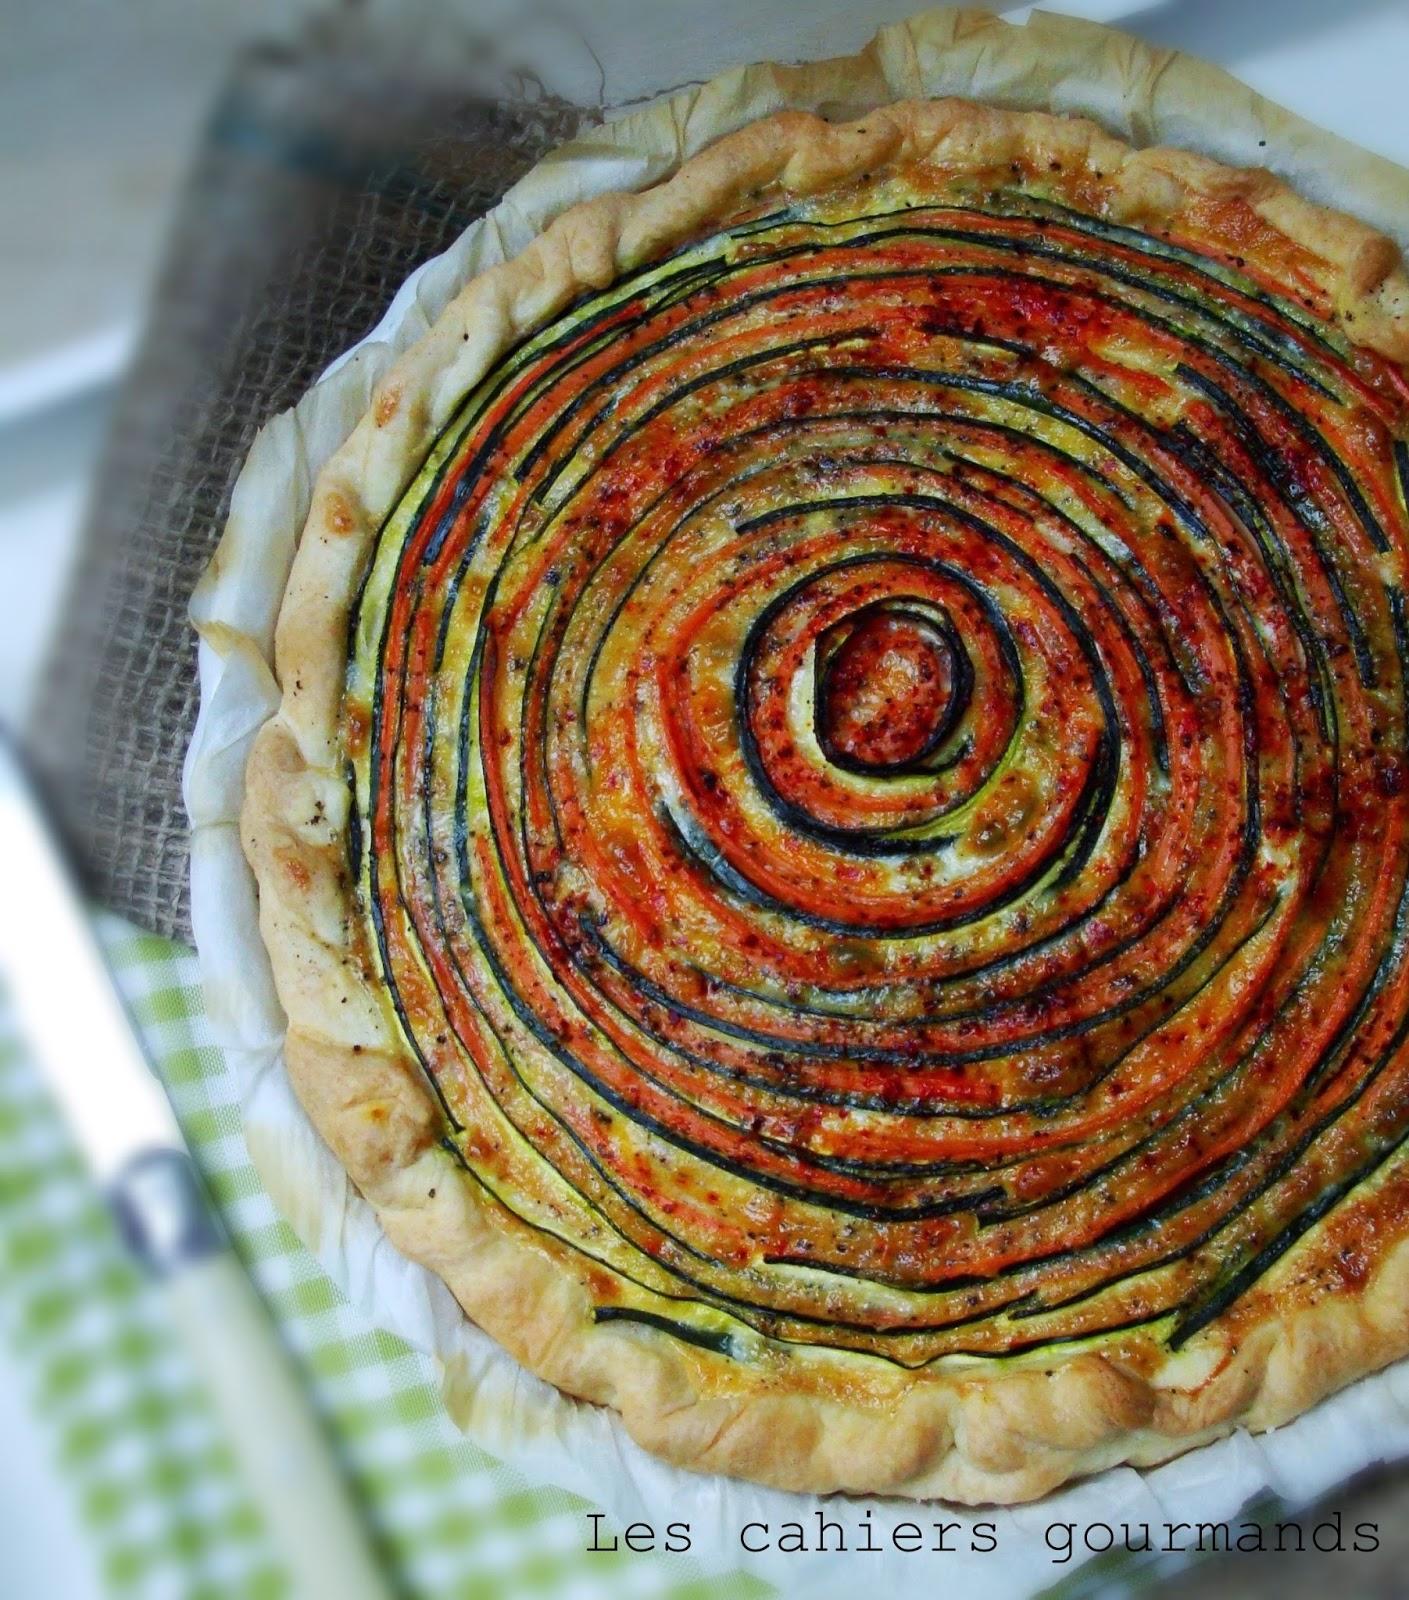 Les cahiers gourmands tarte ch vre carottes courgettes - Recette tarte salee originale ...